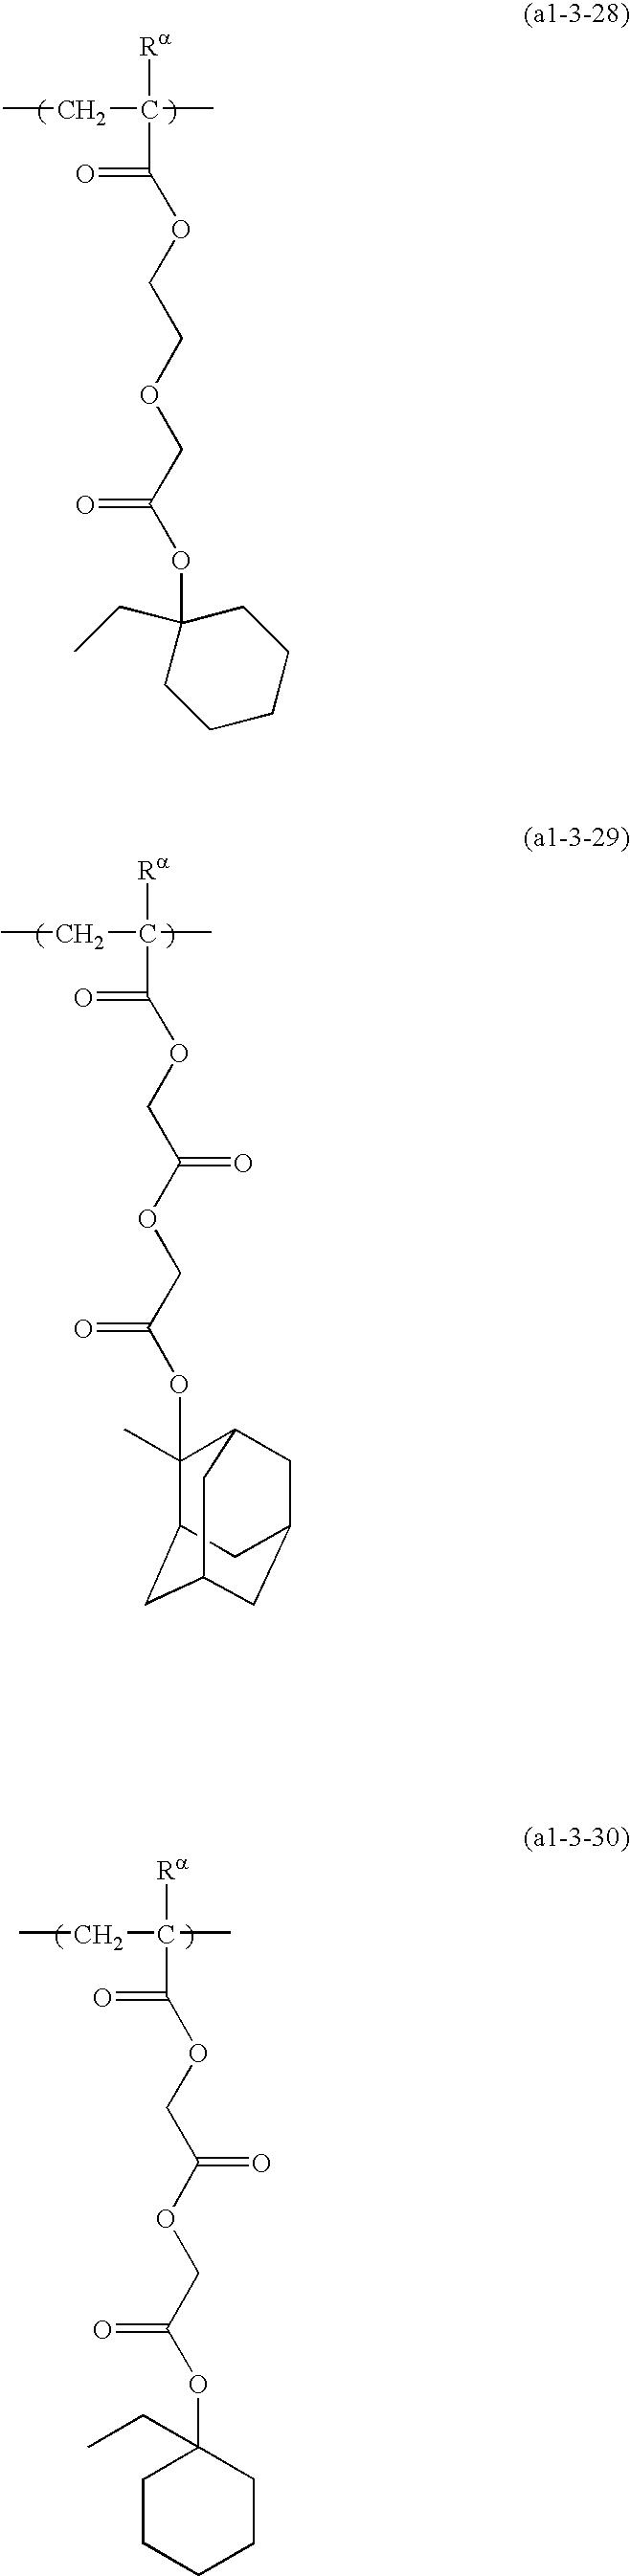 Figure US20100136480A1-20100603-C00041